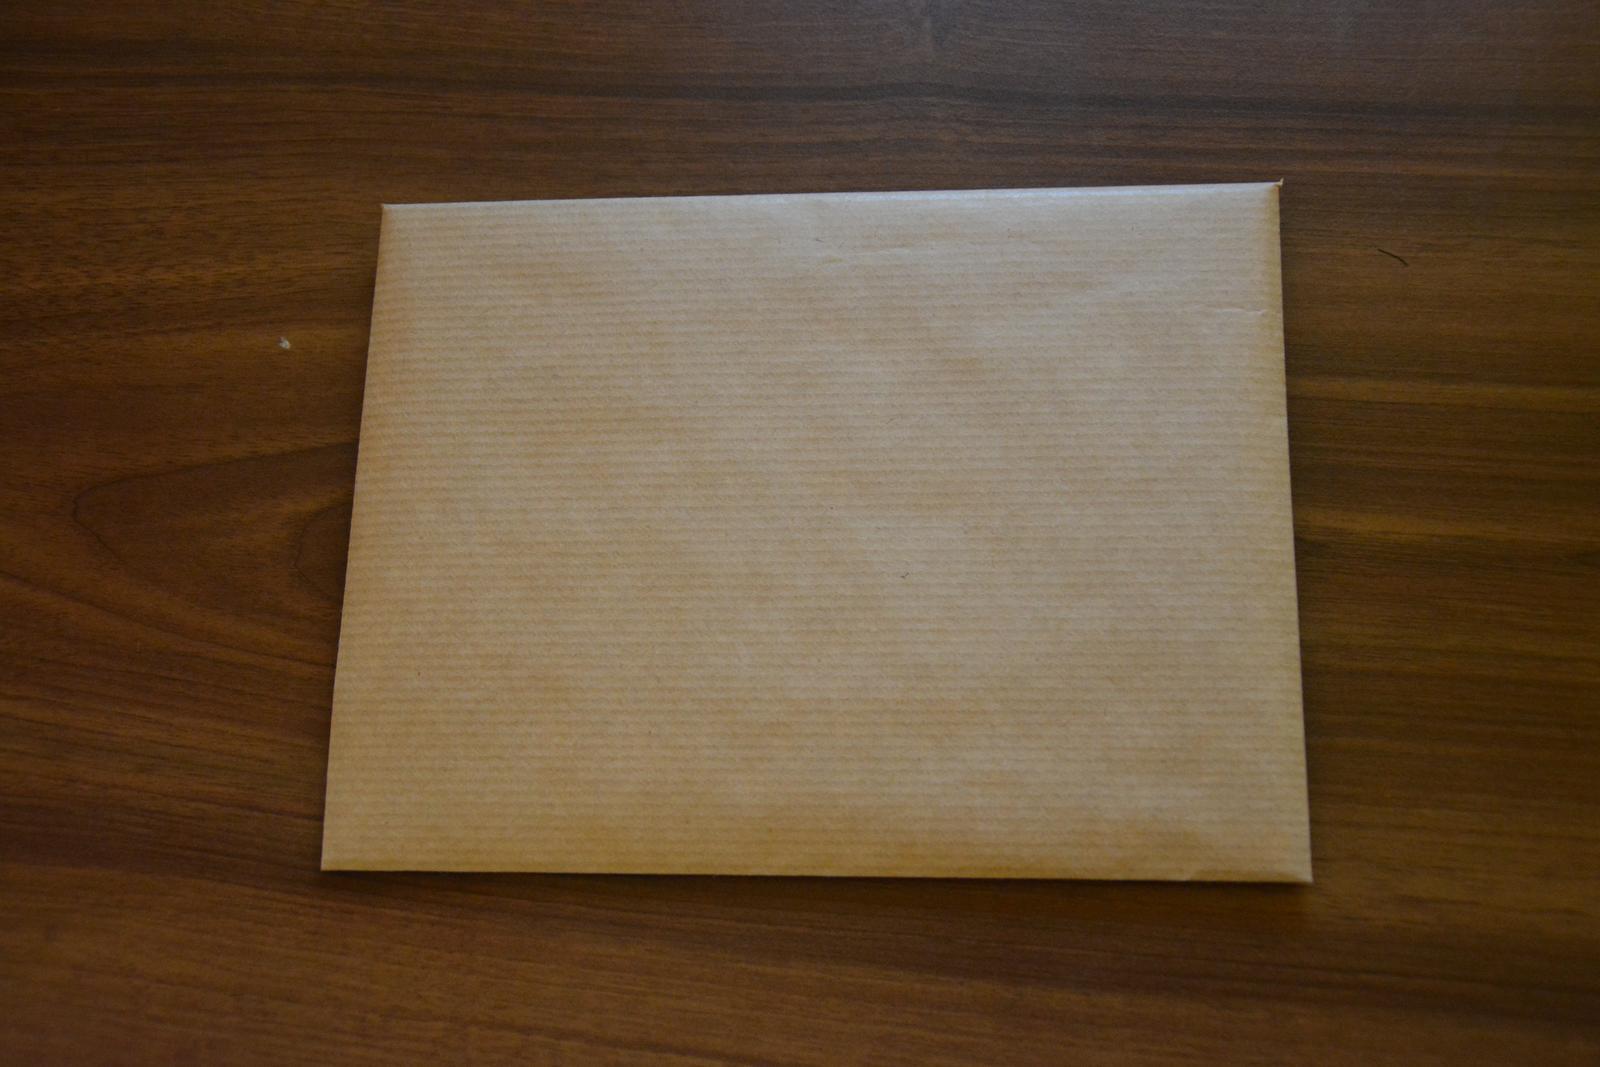 Obálky vlastní výroby - Obrázek č. 1